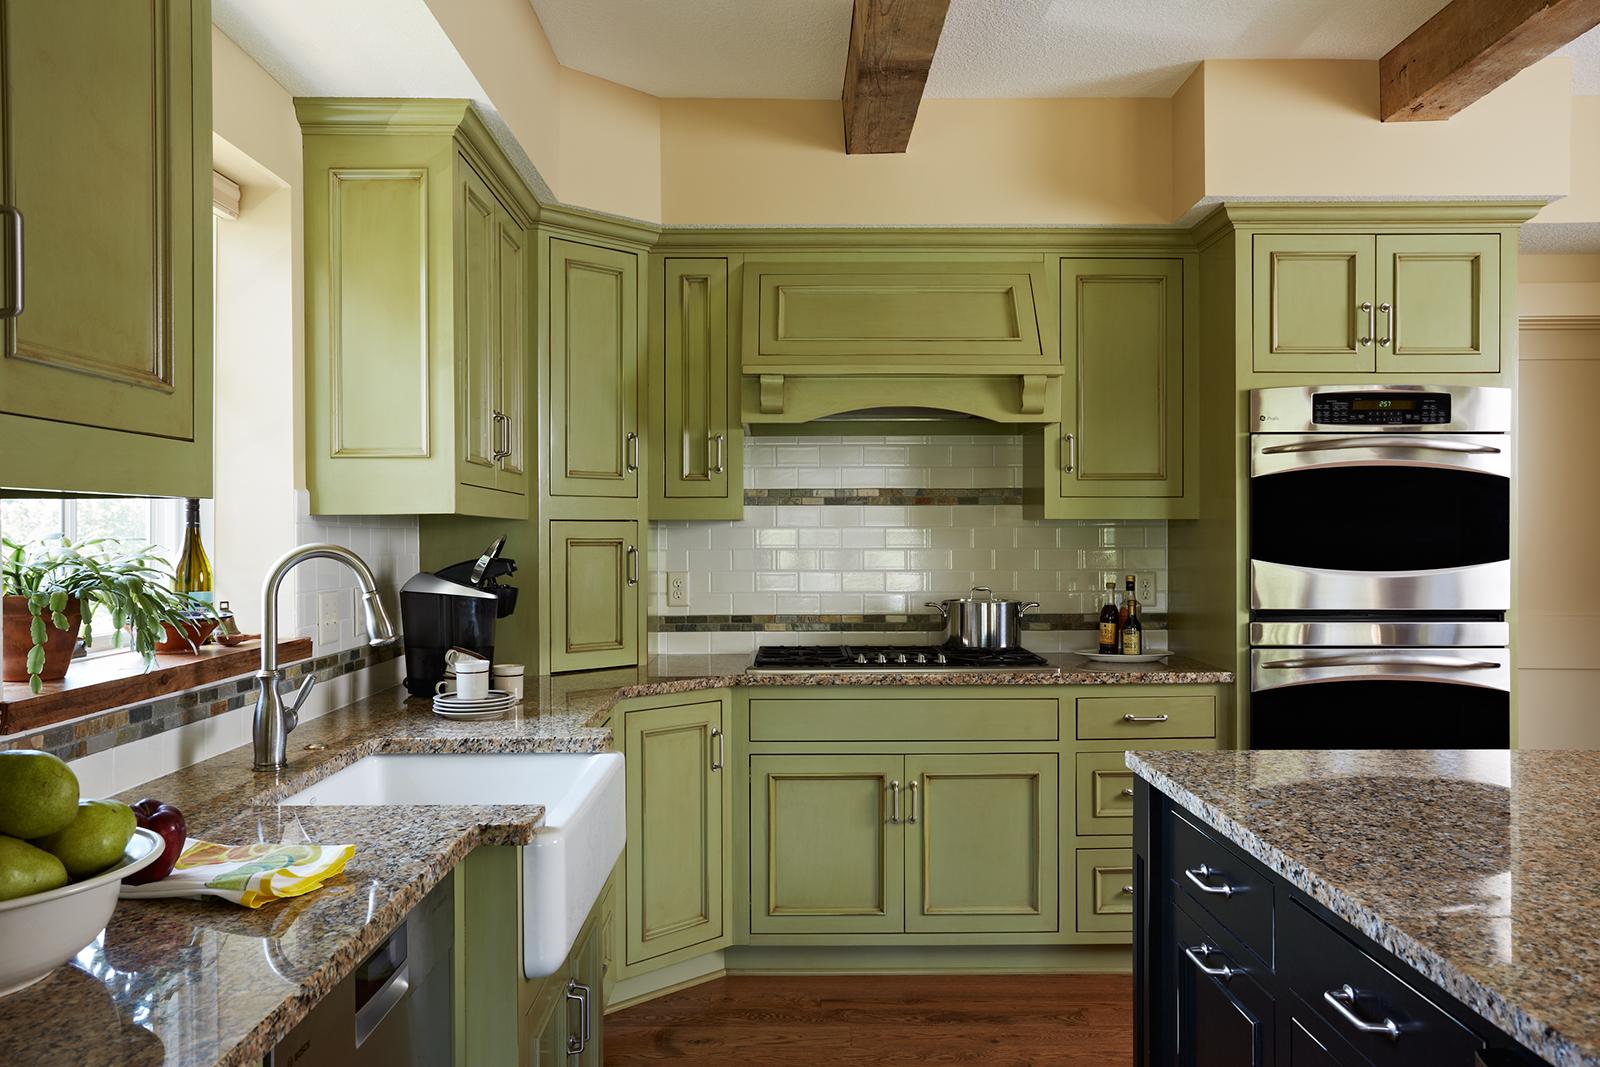 Barn_kitchen-v2_lrg.jpg